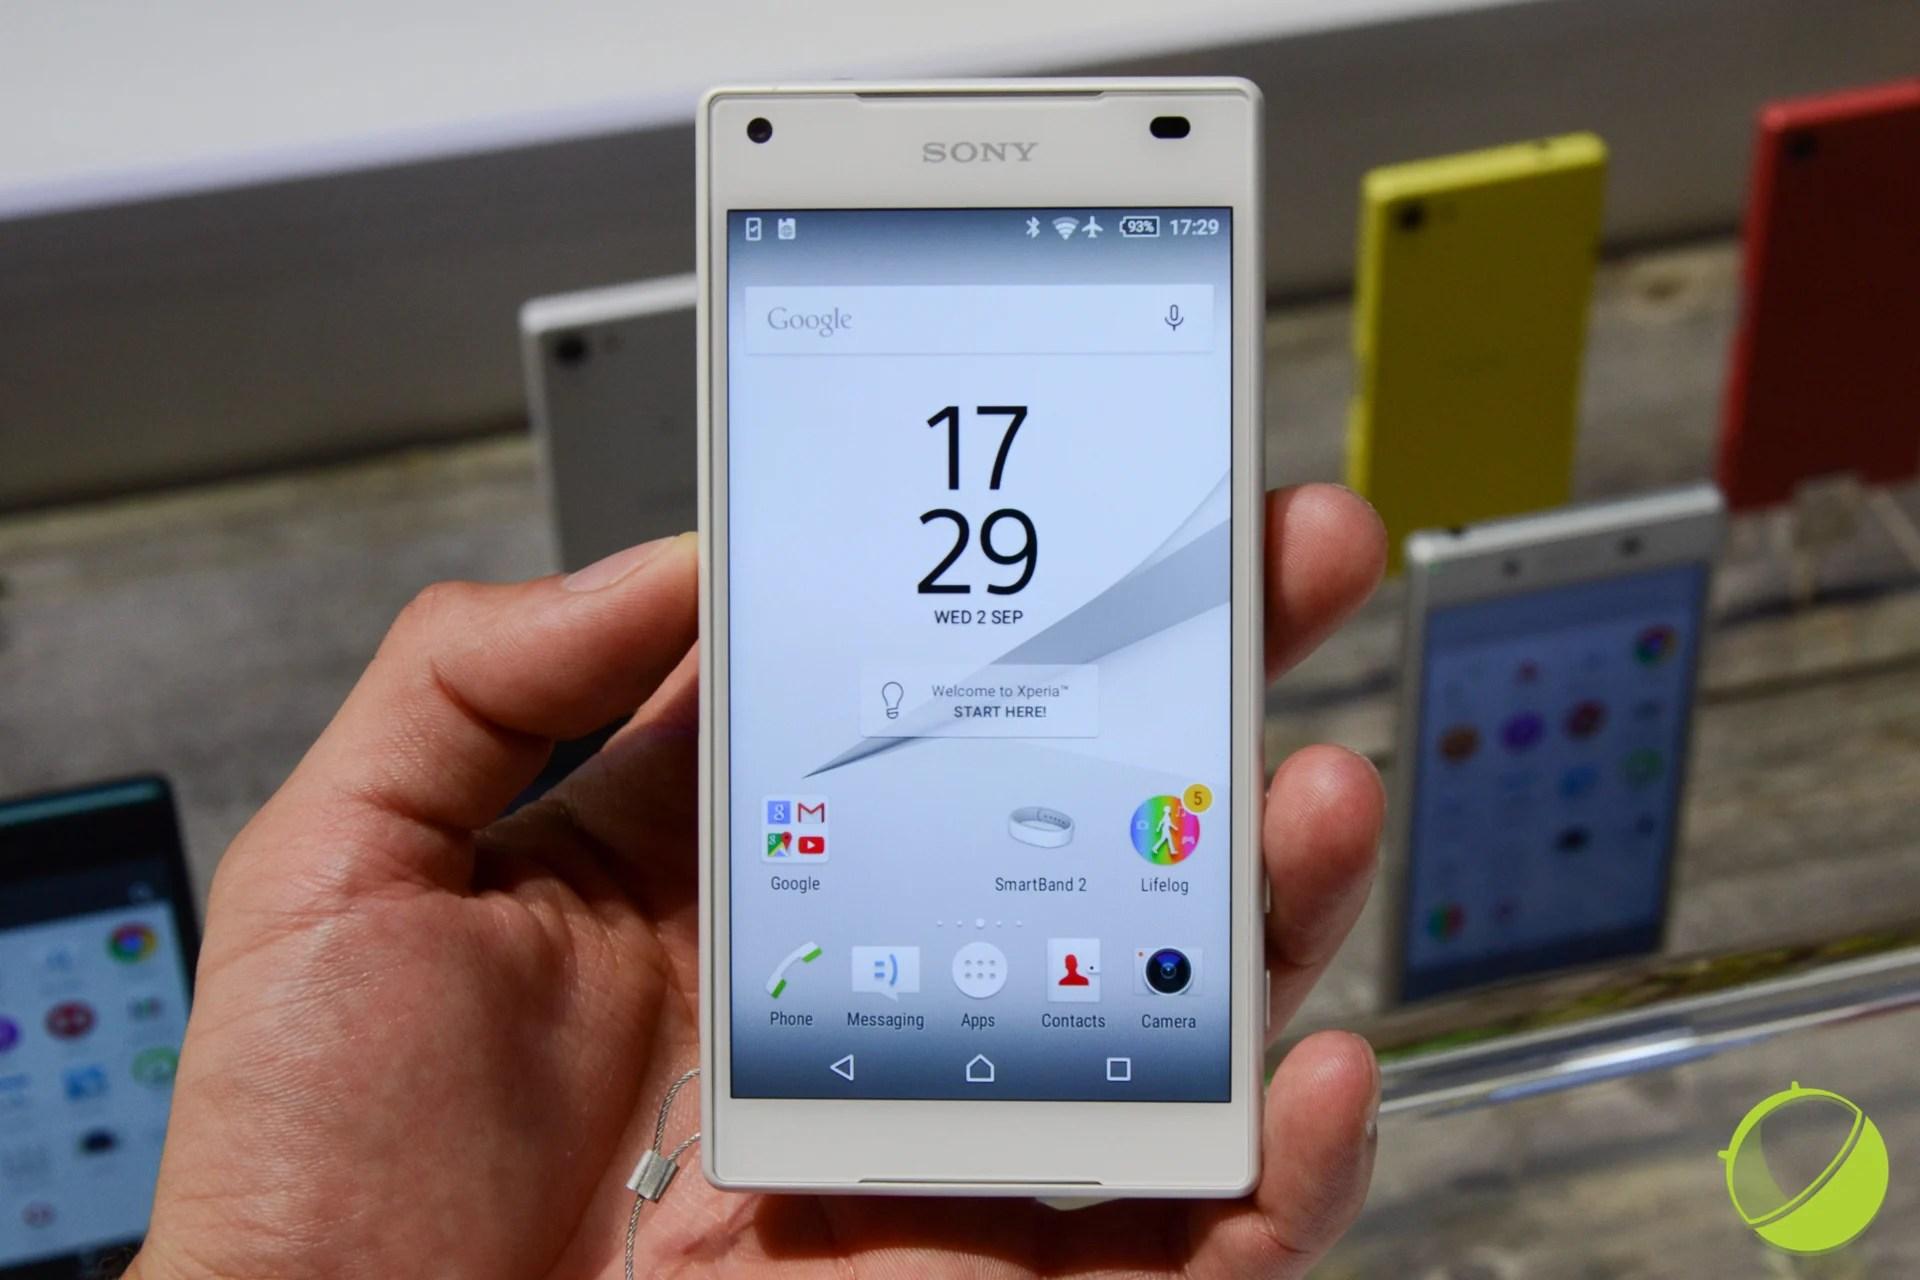 🔥 Bon plan : le Sony Xperia Z5 Compact passe à 349 euros